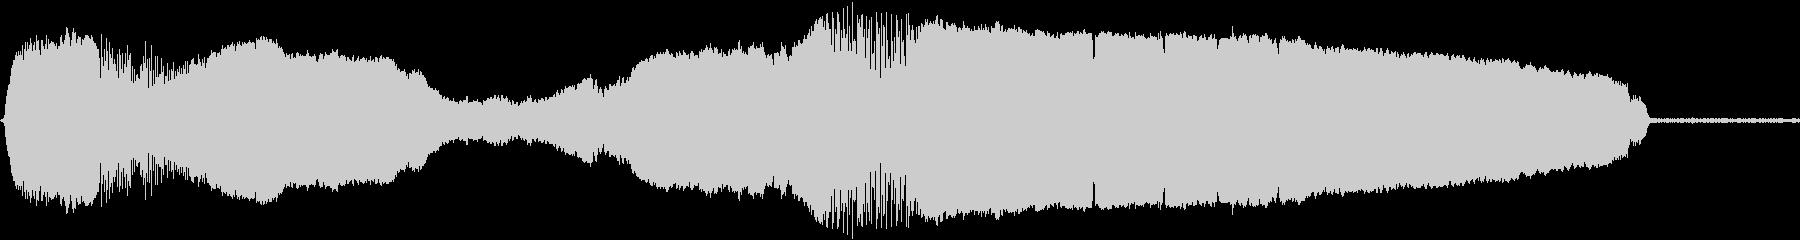 ウルフハウル、うめき声の未再生の波形